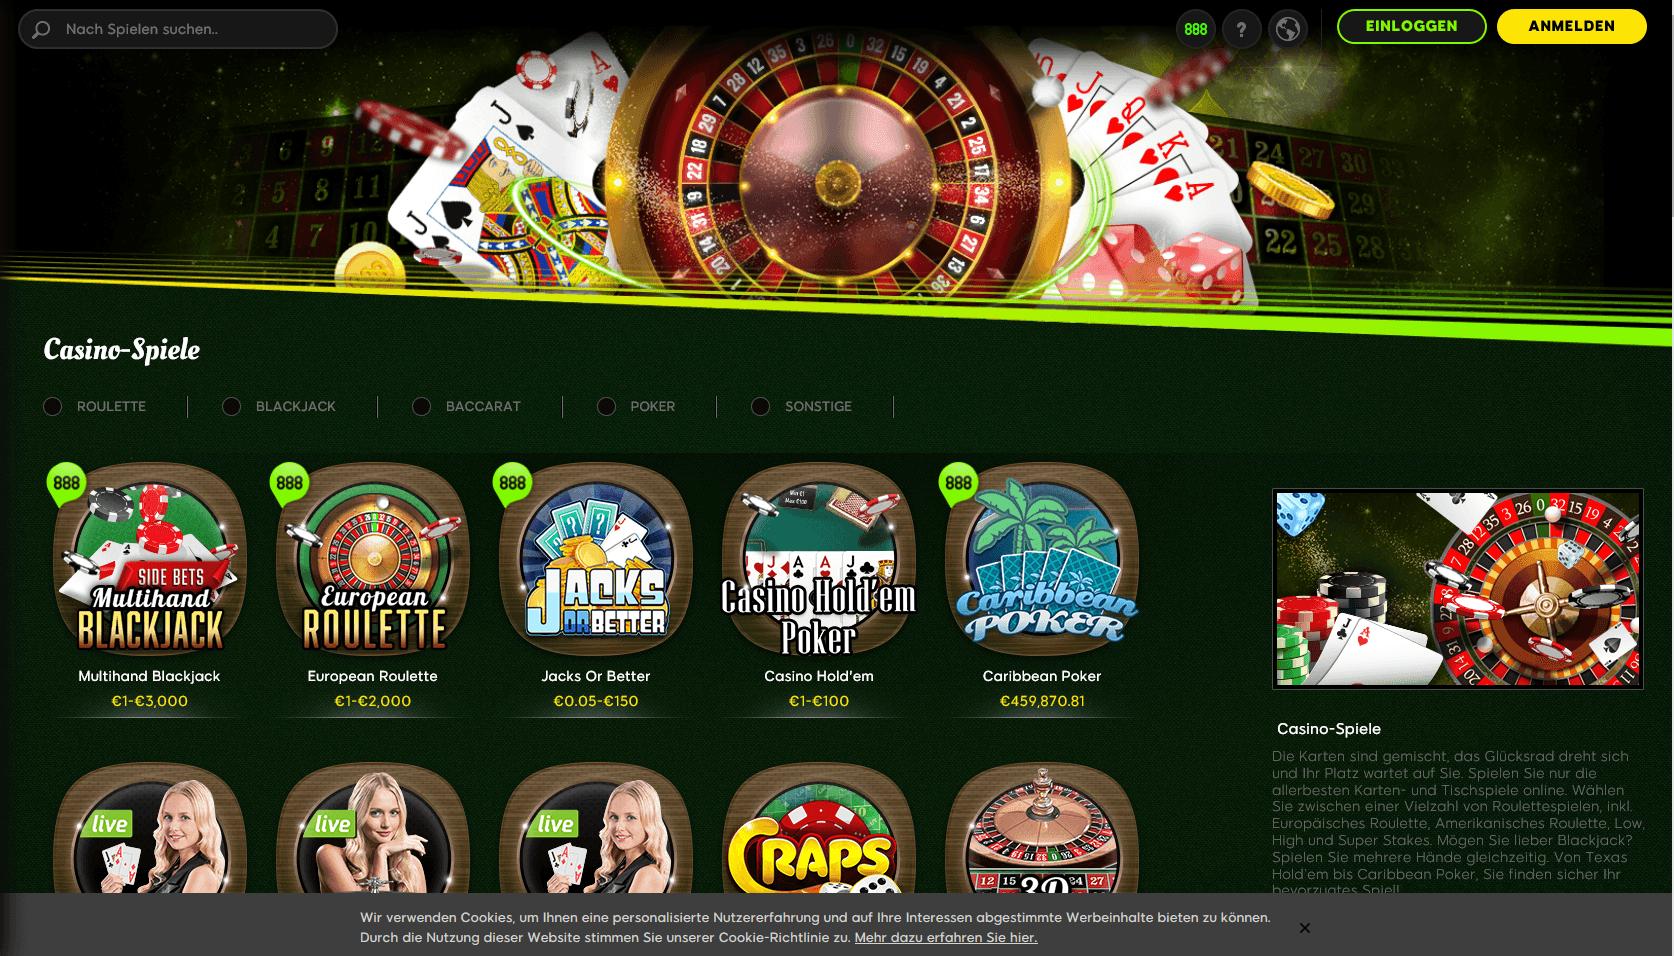 whatsapp casino 888